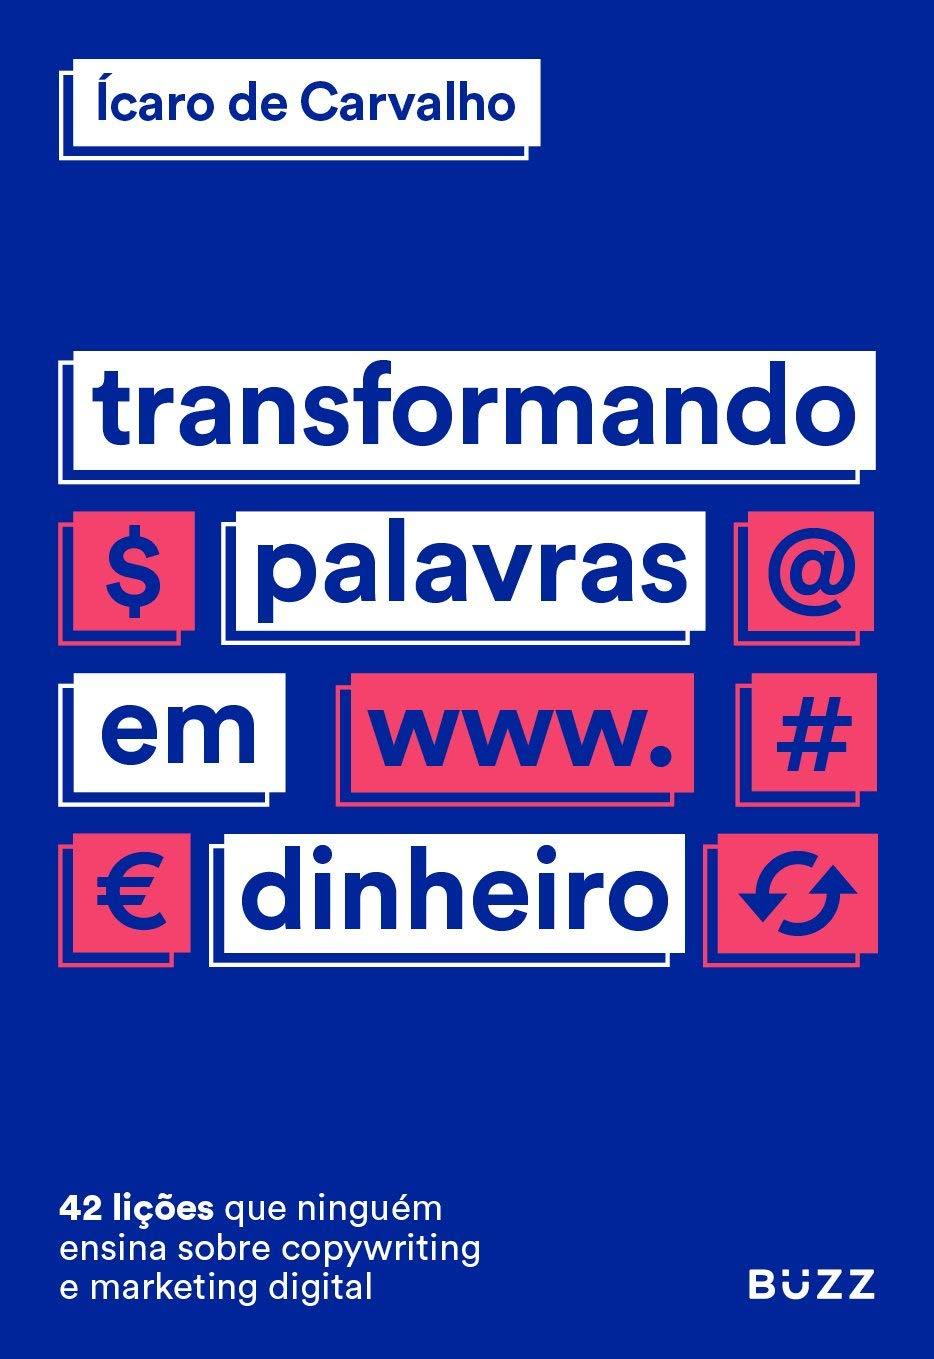 Transformando palavras em dinheiro   Amazon.com.br